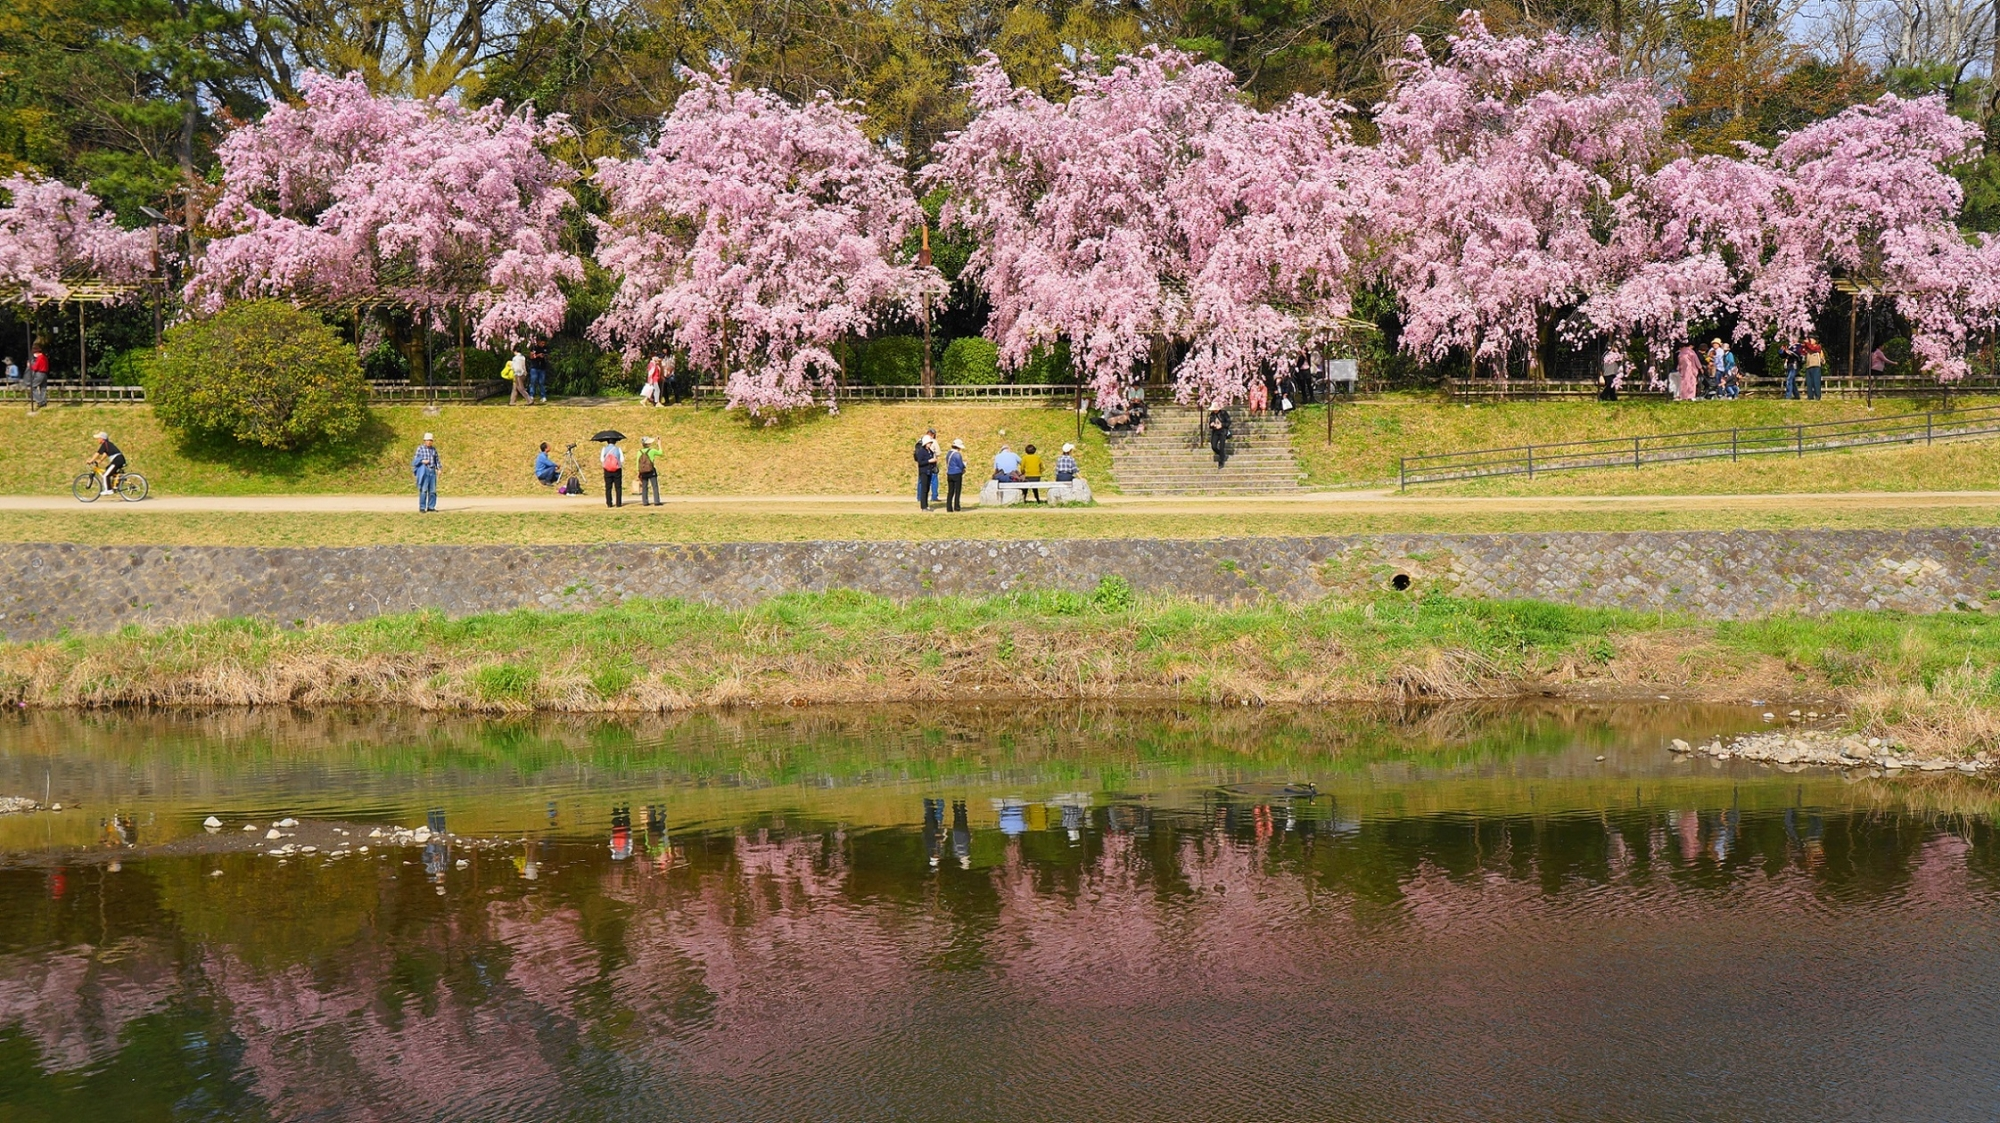 遠目から眺めるとモコモコトした雰囲気の違う桜